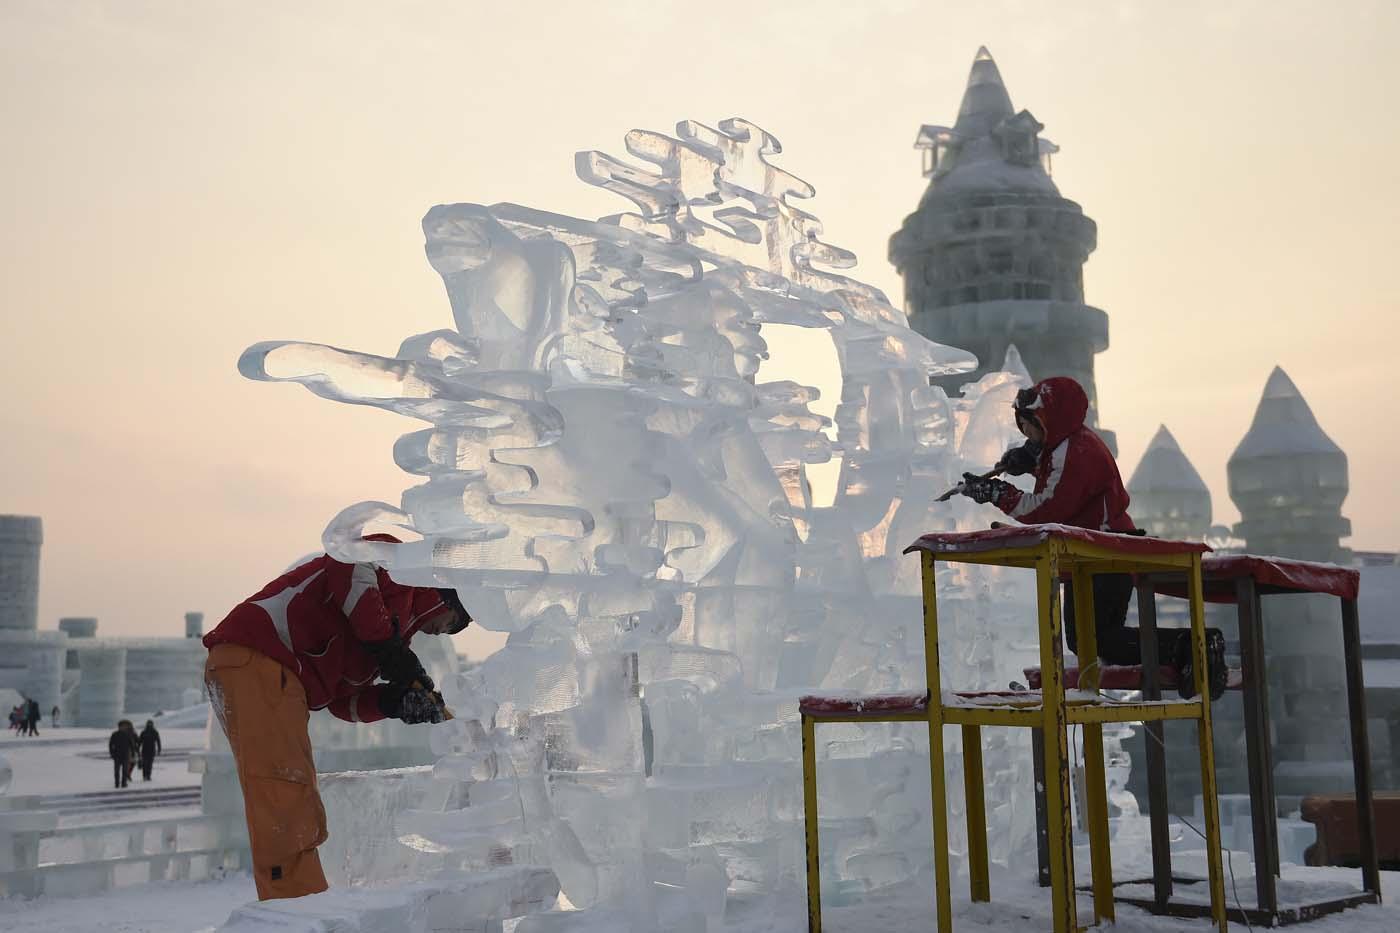 En esta imagen, tomada el 3 de enero de 2017 y distribuida por la agencia china de noticias Xinhua, dos participantes tallan una escultura de hielo durante el concurso de esculturas del  Festival Internacional de Hielo y Nueve de Harbin, en la provincia de Heilongjiang, en el noreste de China. La ciudad de Harbin, en el gélido noreste de China, da los últimos retoques previos a la apertura de uno de los festivales de hielo más grandes del mundo, que el año pasado atrajo a más de un millón de visitantes. (Wang Jianwei/Xinhua via AP)